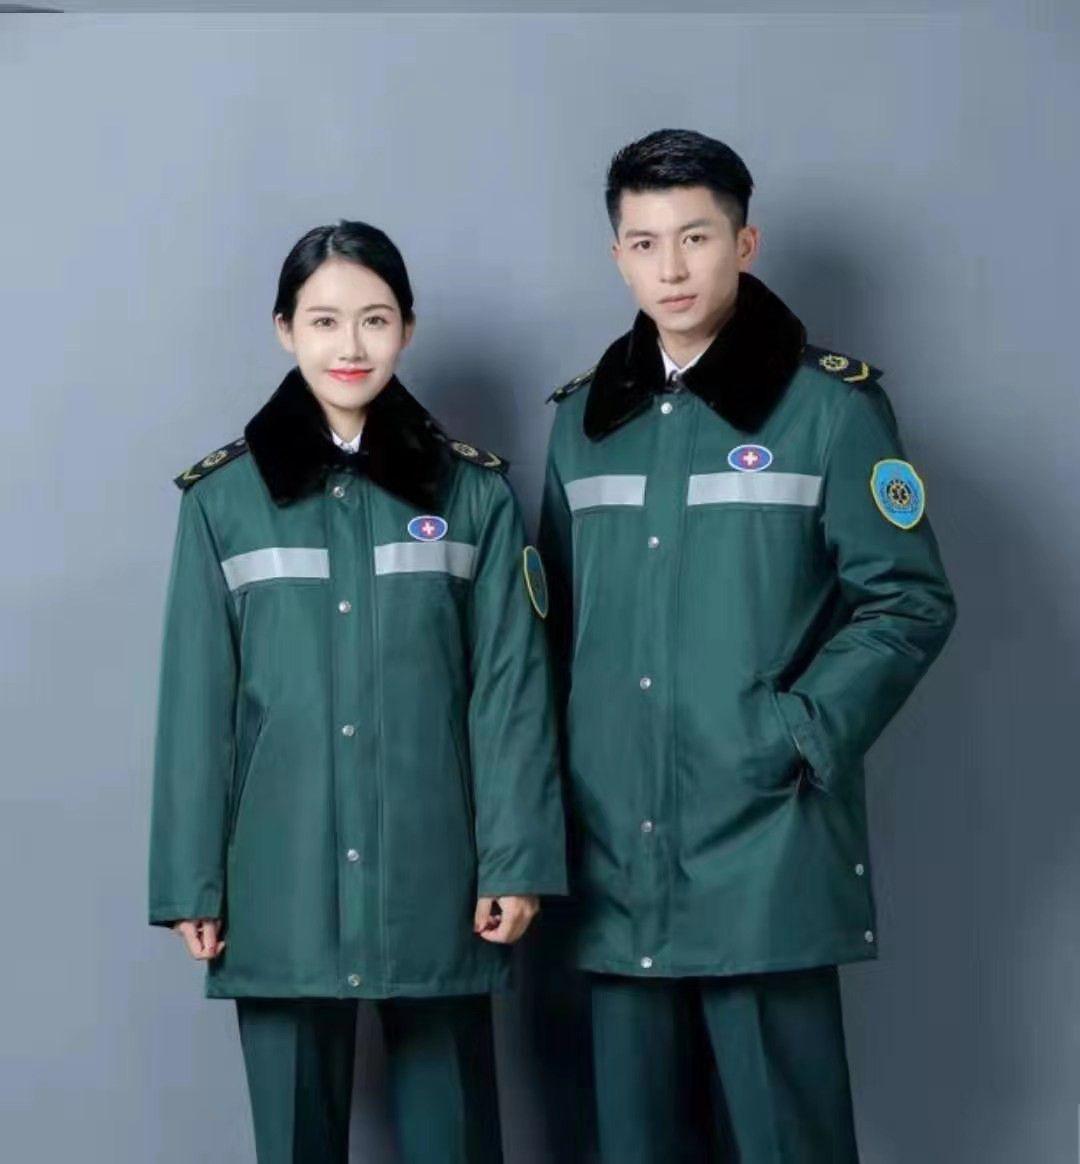 揭阳矿山救护制服品牌